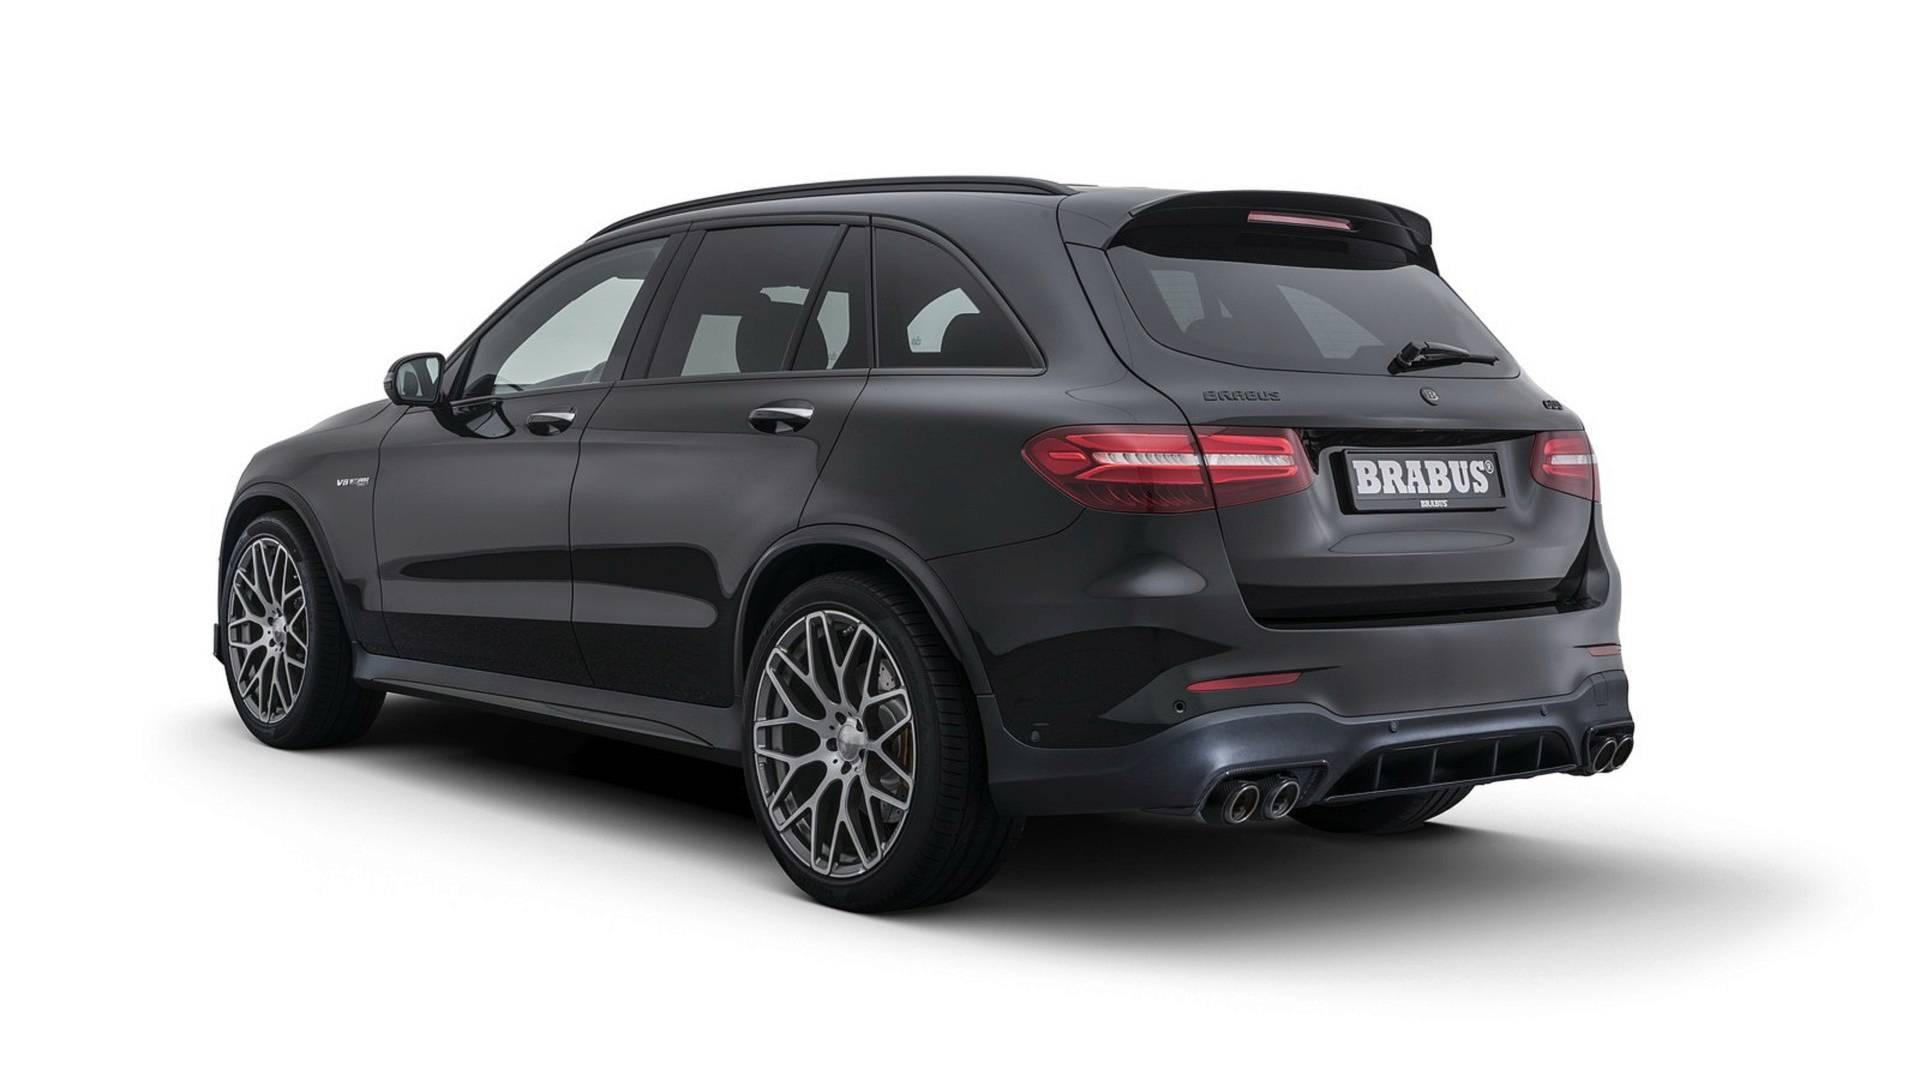 Brabus Reveals 600 HP Mercedes AMG GLC 63 S Autoevolution